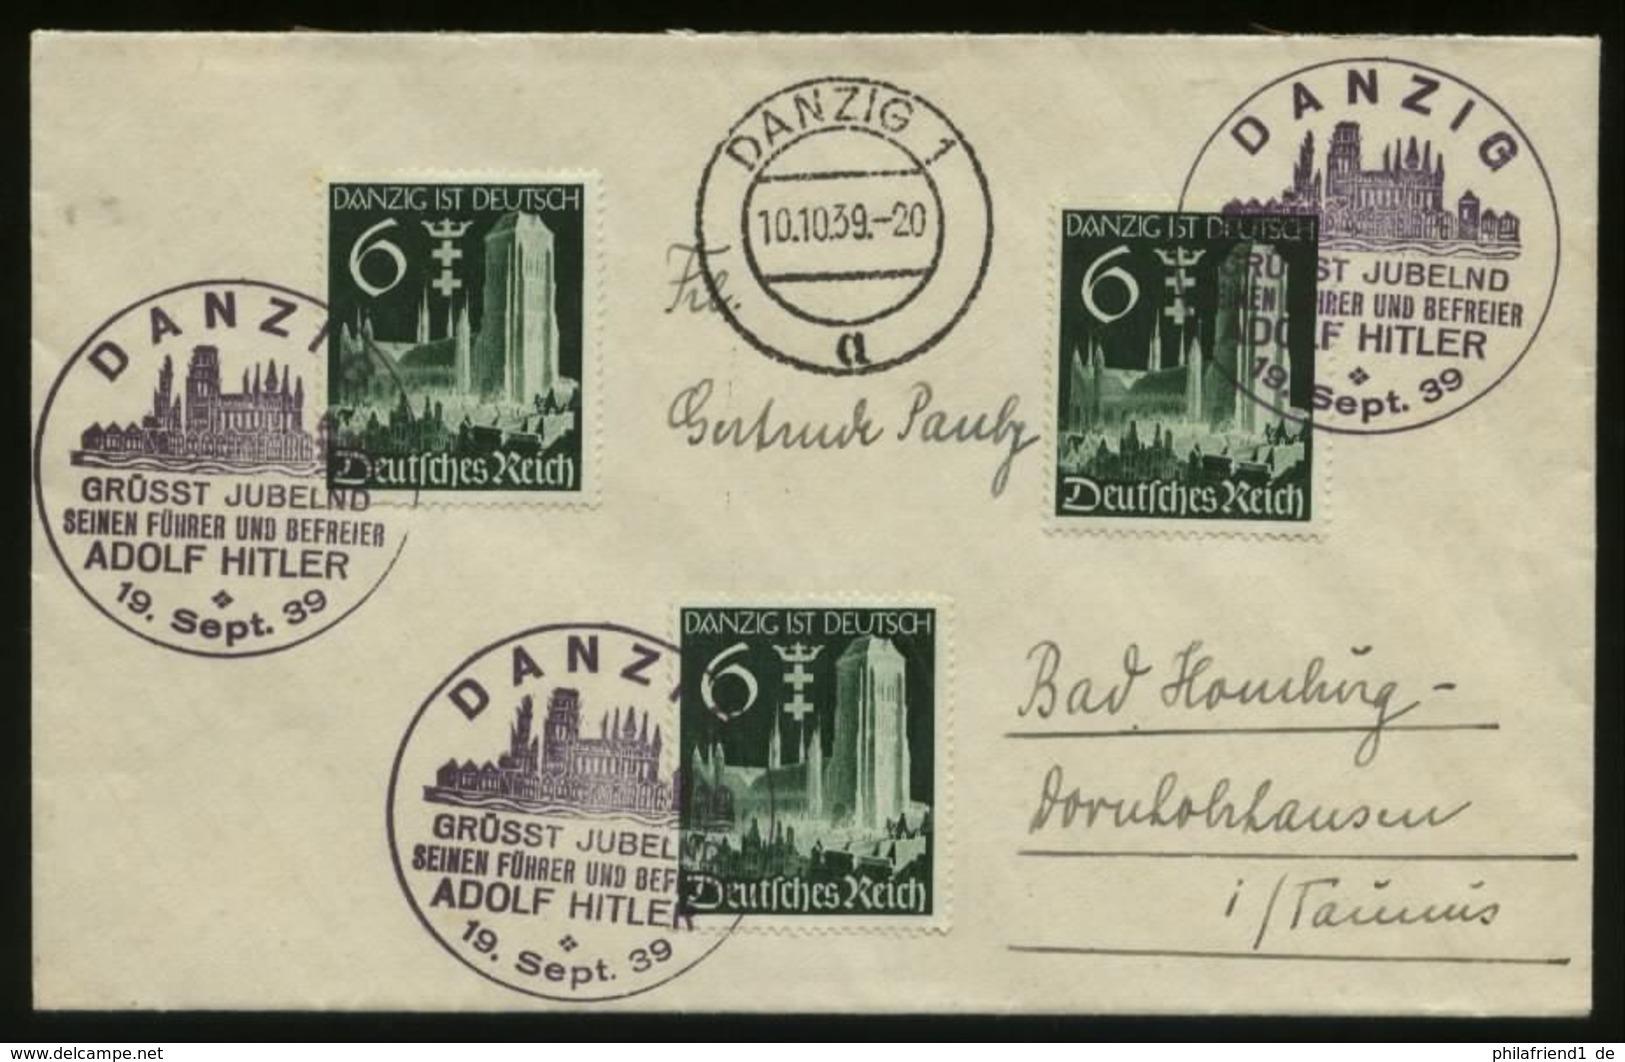 WW II DR Danzig Briefmarken Auf Briefumschlag: Gebraucht Mit Adolf Hitler Sonderstempel Danzig - Bad Homburg 1939 , Be - Allemagne